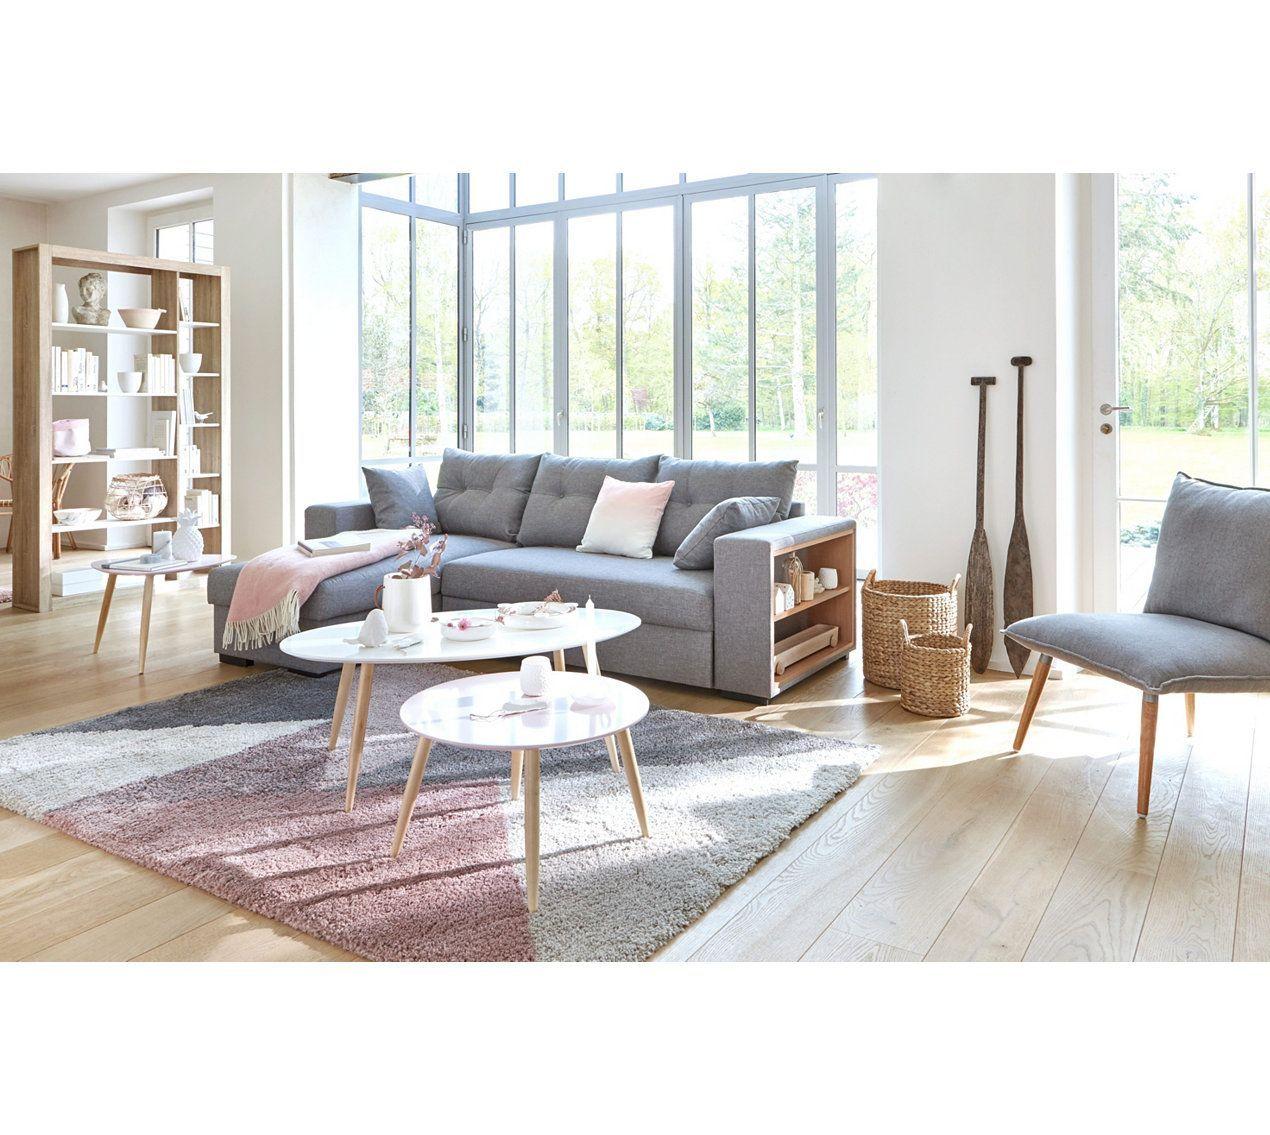 Ikea Canapés Convertibles Beau Photos 25 Nouveau Les Canapés Modernes